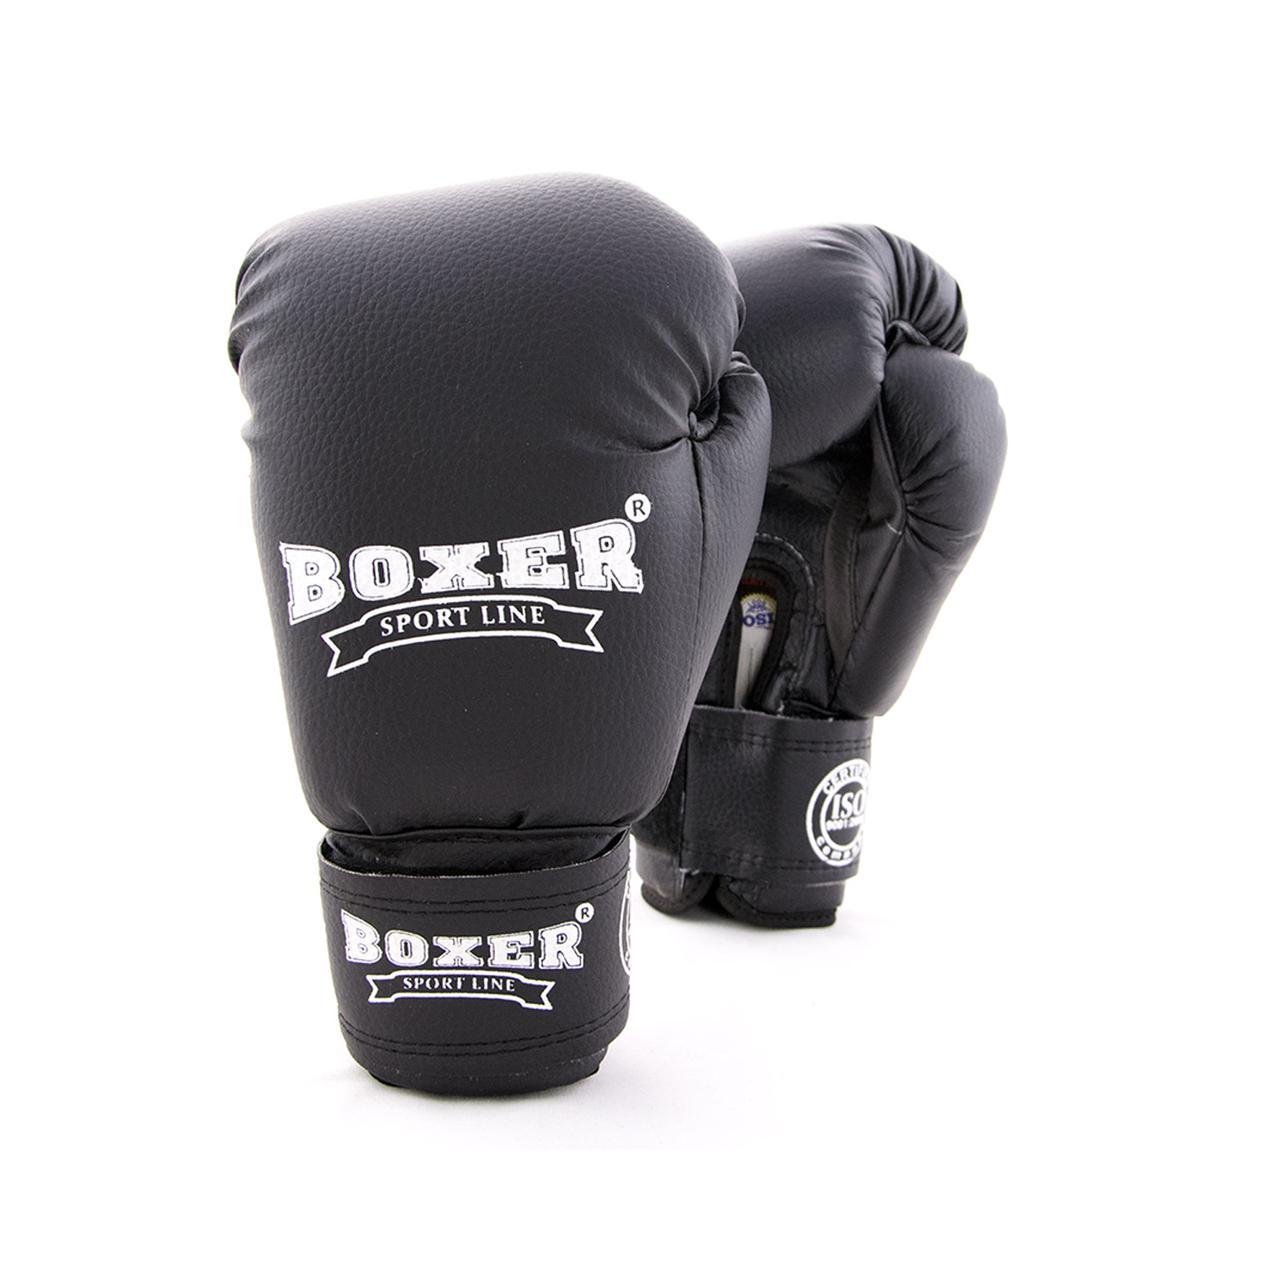 Дитячі боксерські рукавички зі кожвинила Boxer 6 унцій (bx-0021) чорний